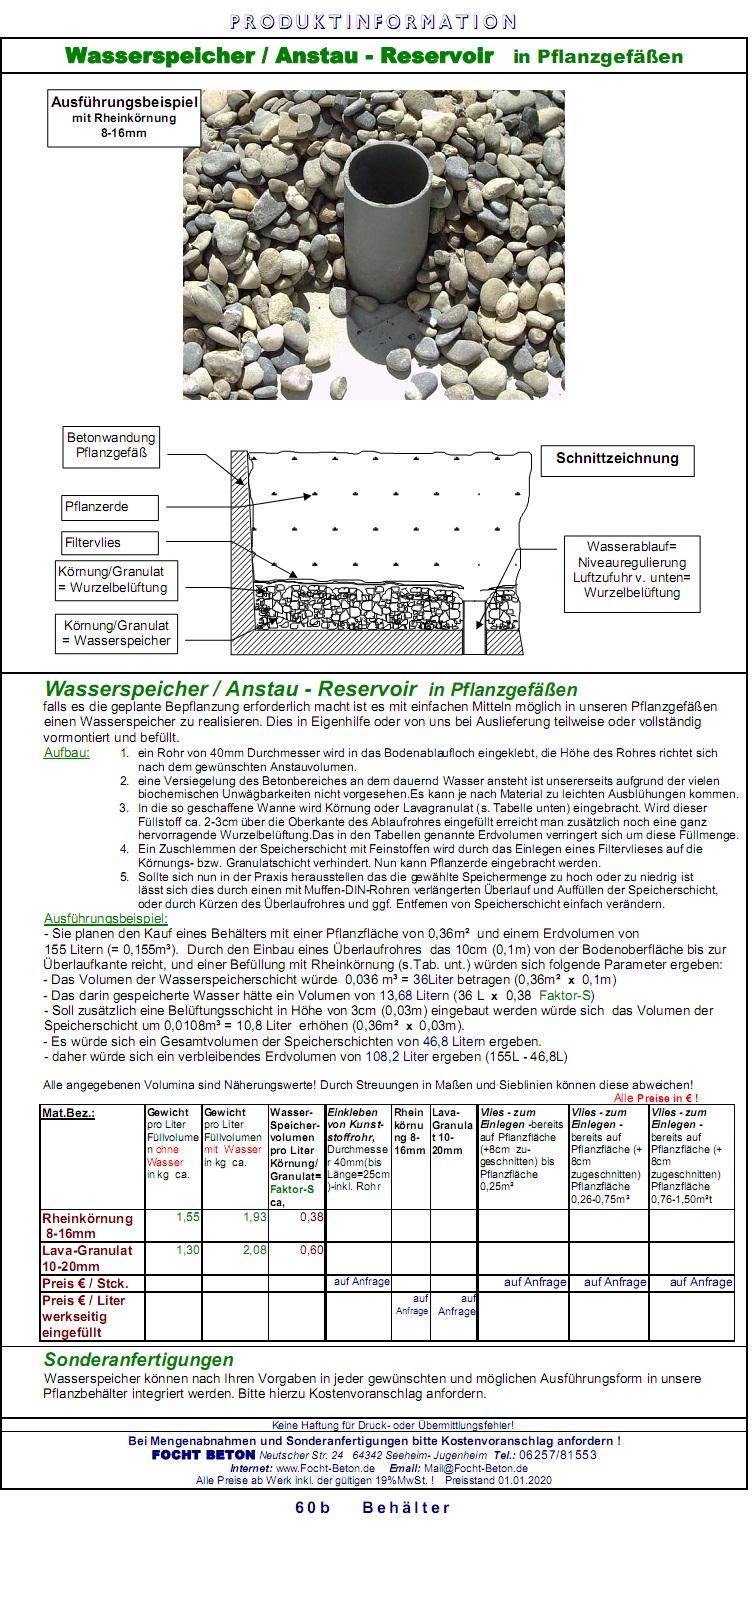 Wasserspeicher Anstaureservoir Wasserreservoir Konstruktion/Zeichnung/Info